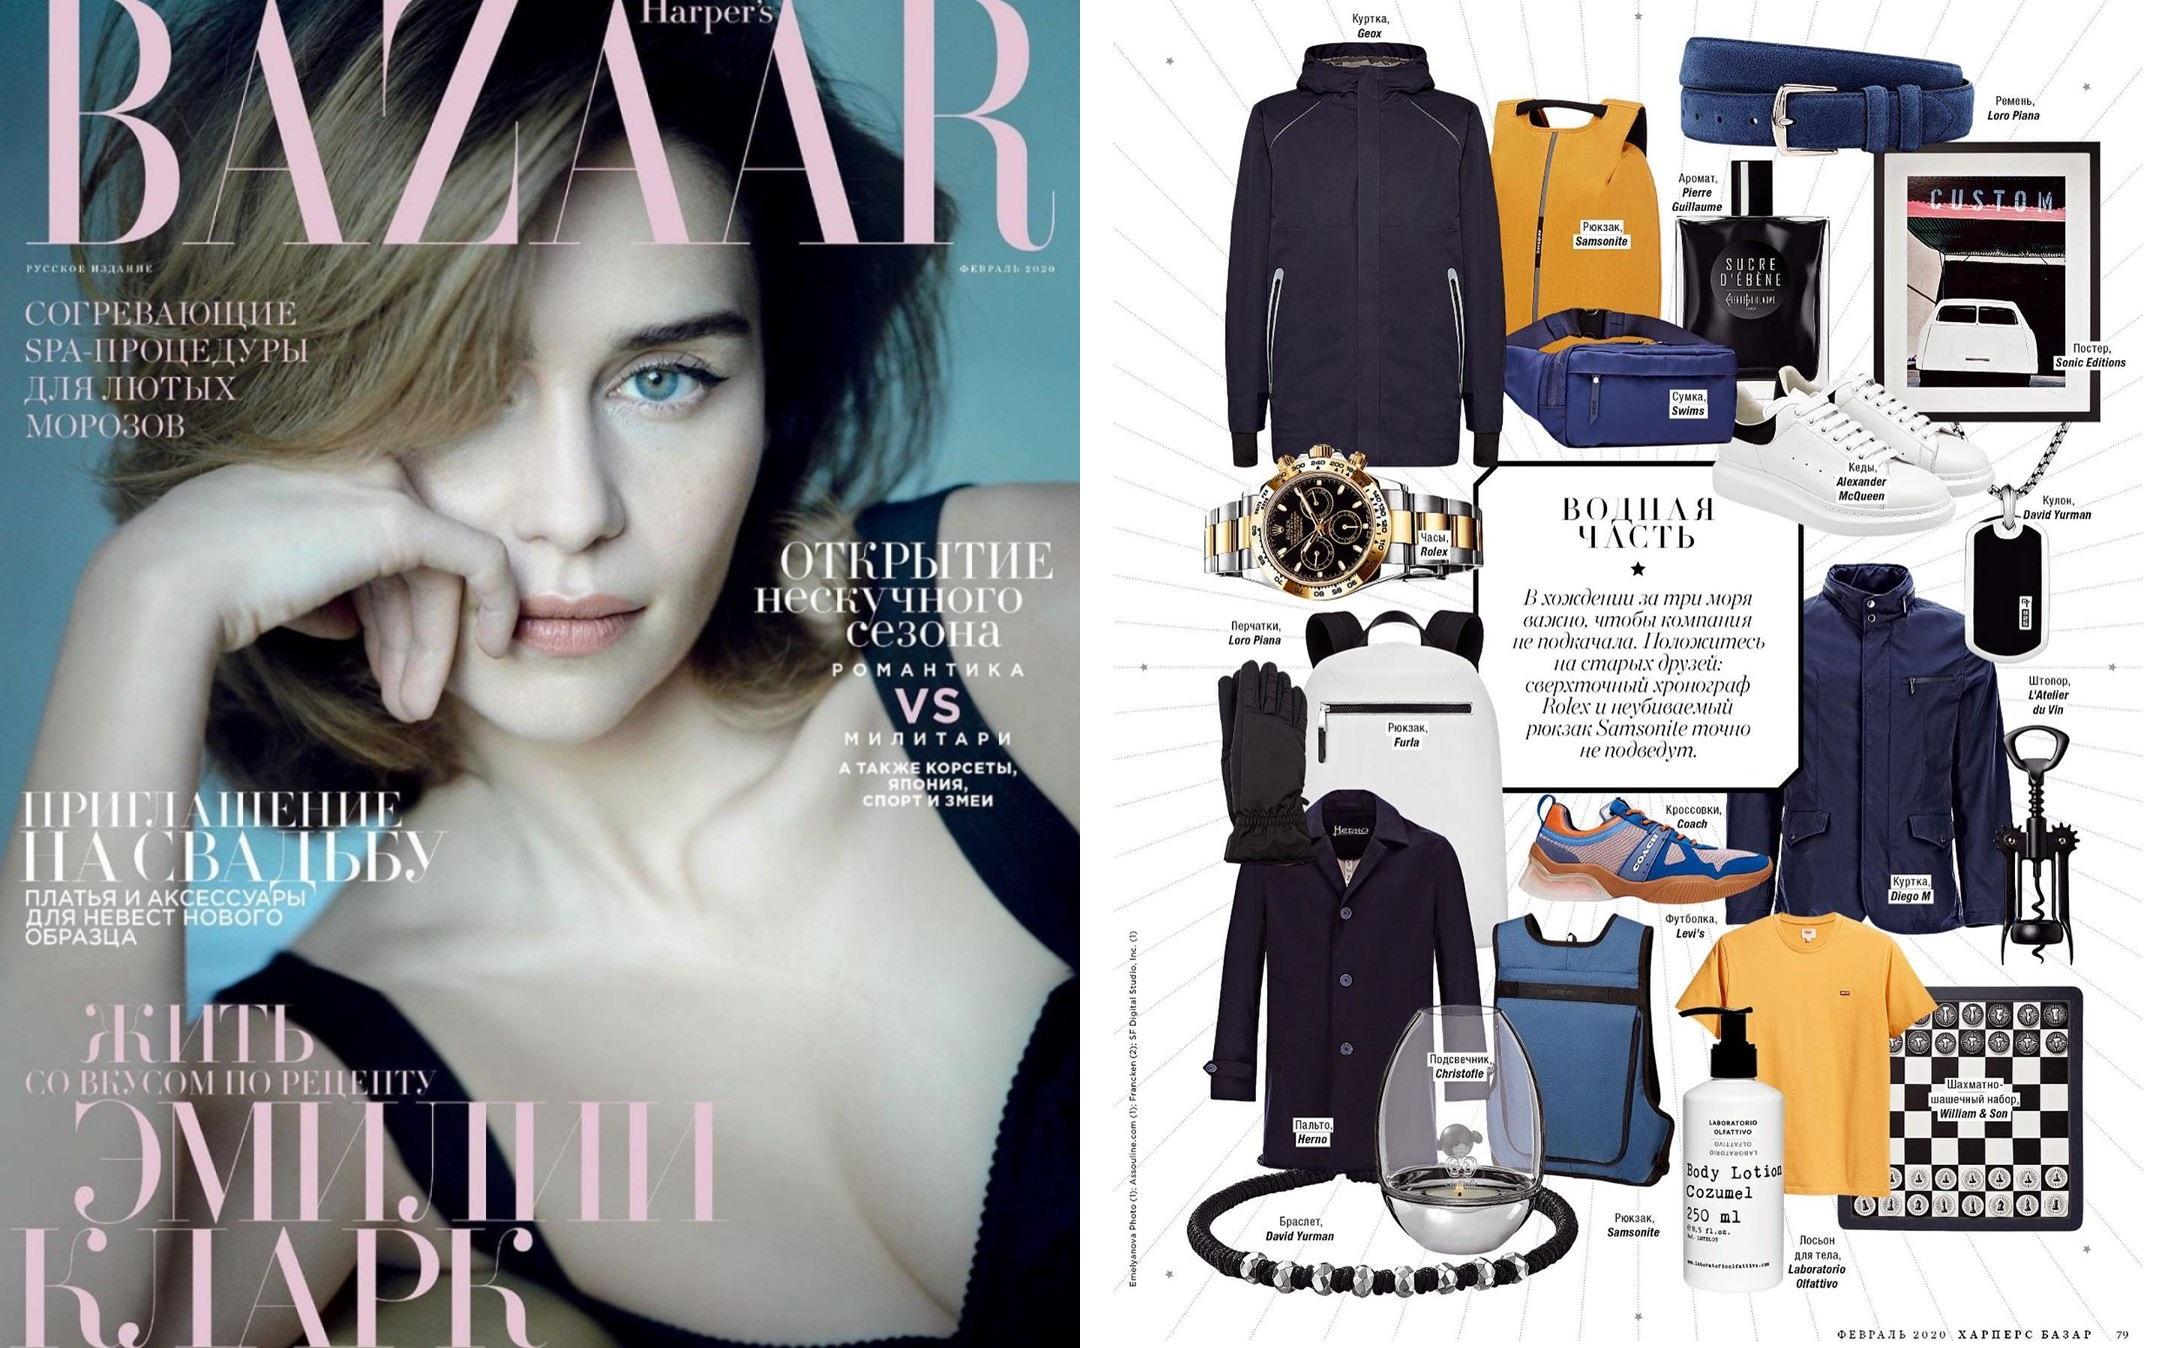 Sucre d Ebene x Harpers Bazaar Russia